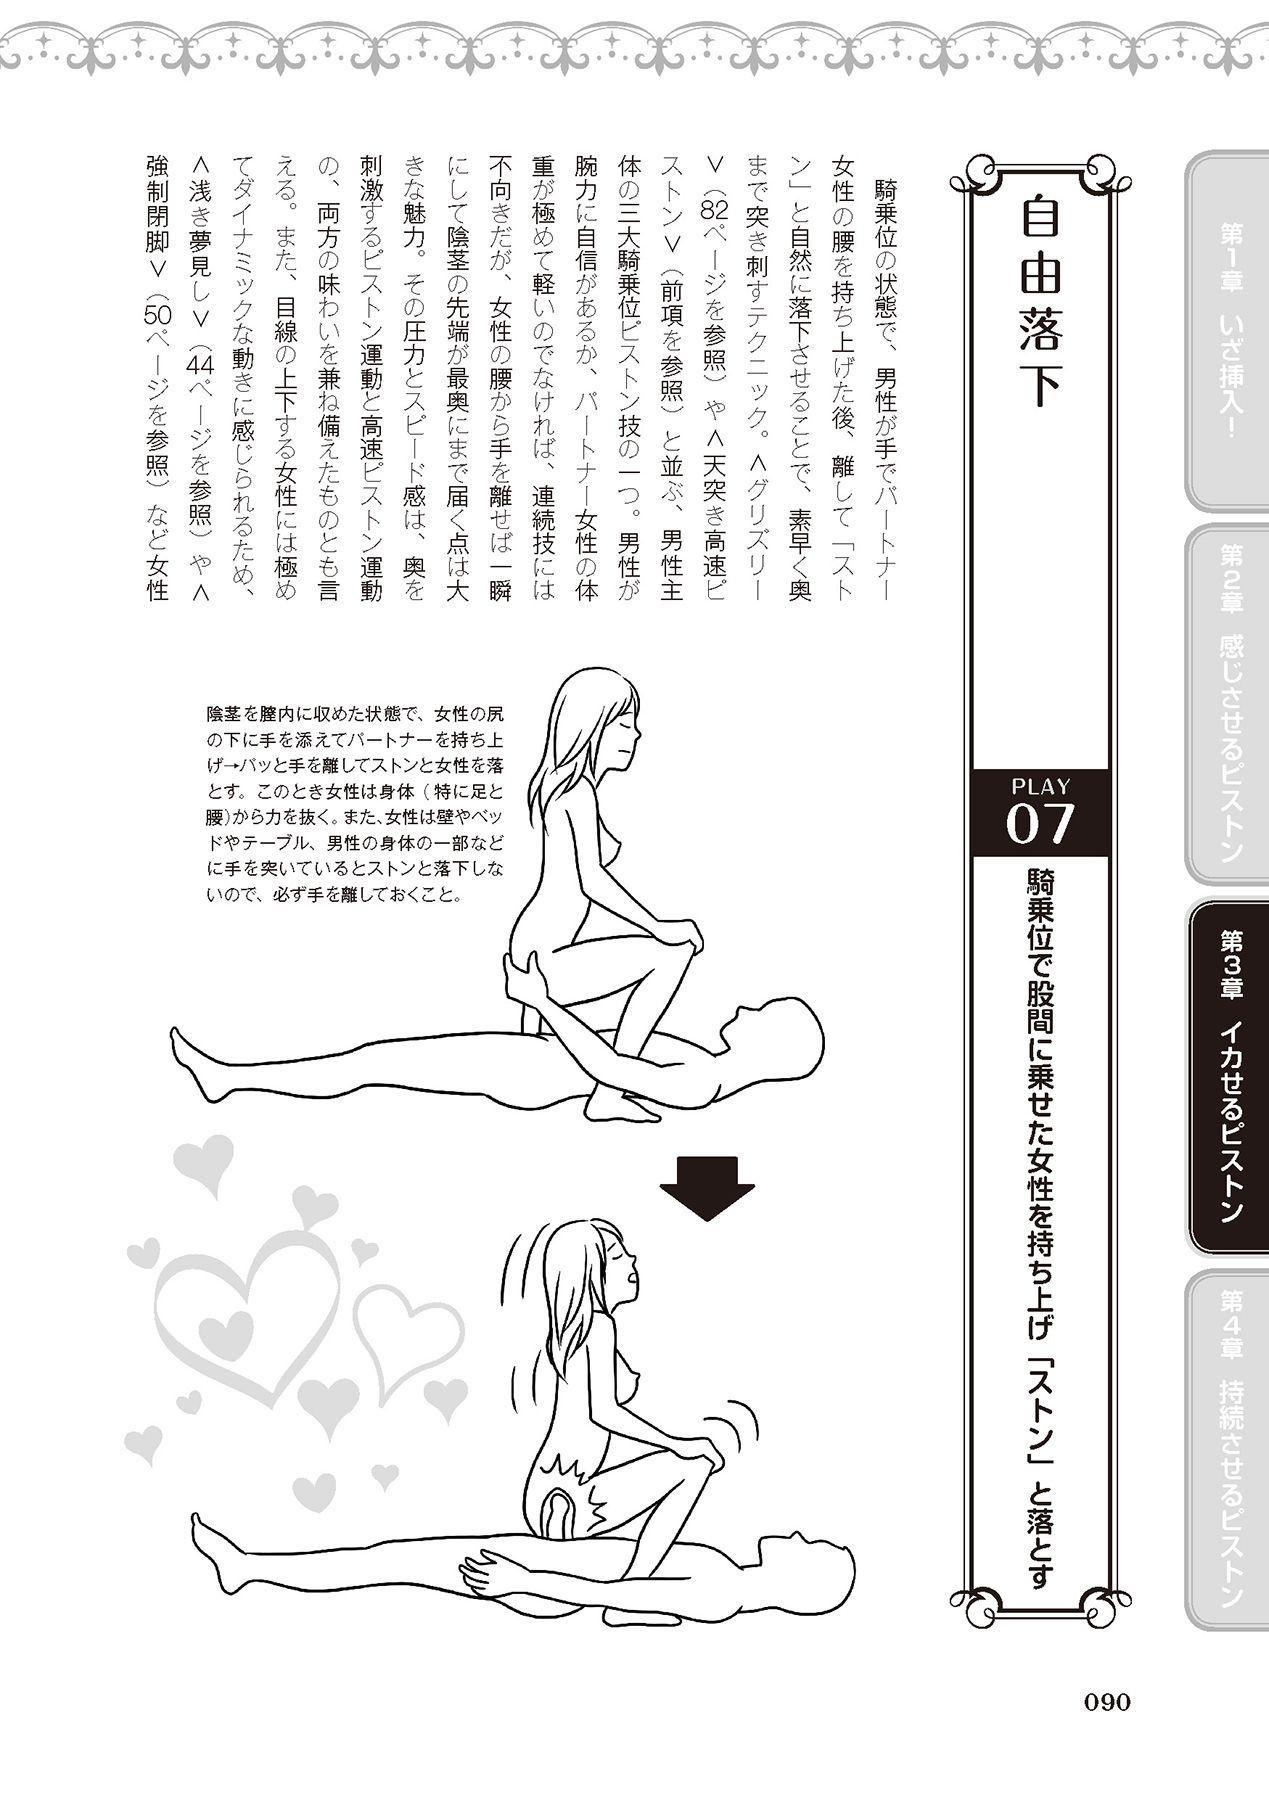 膣挿入&ピストン運動完全マニュアル イラスト版……ピスとんッ! 91